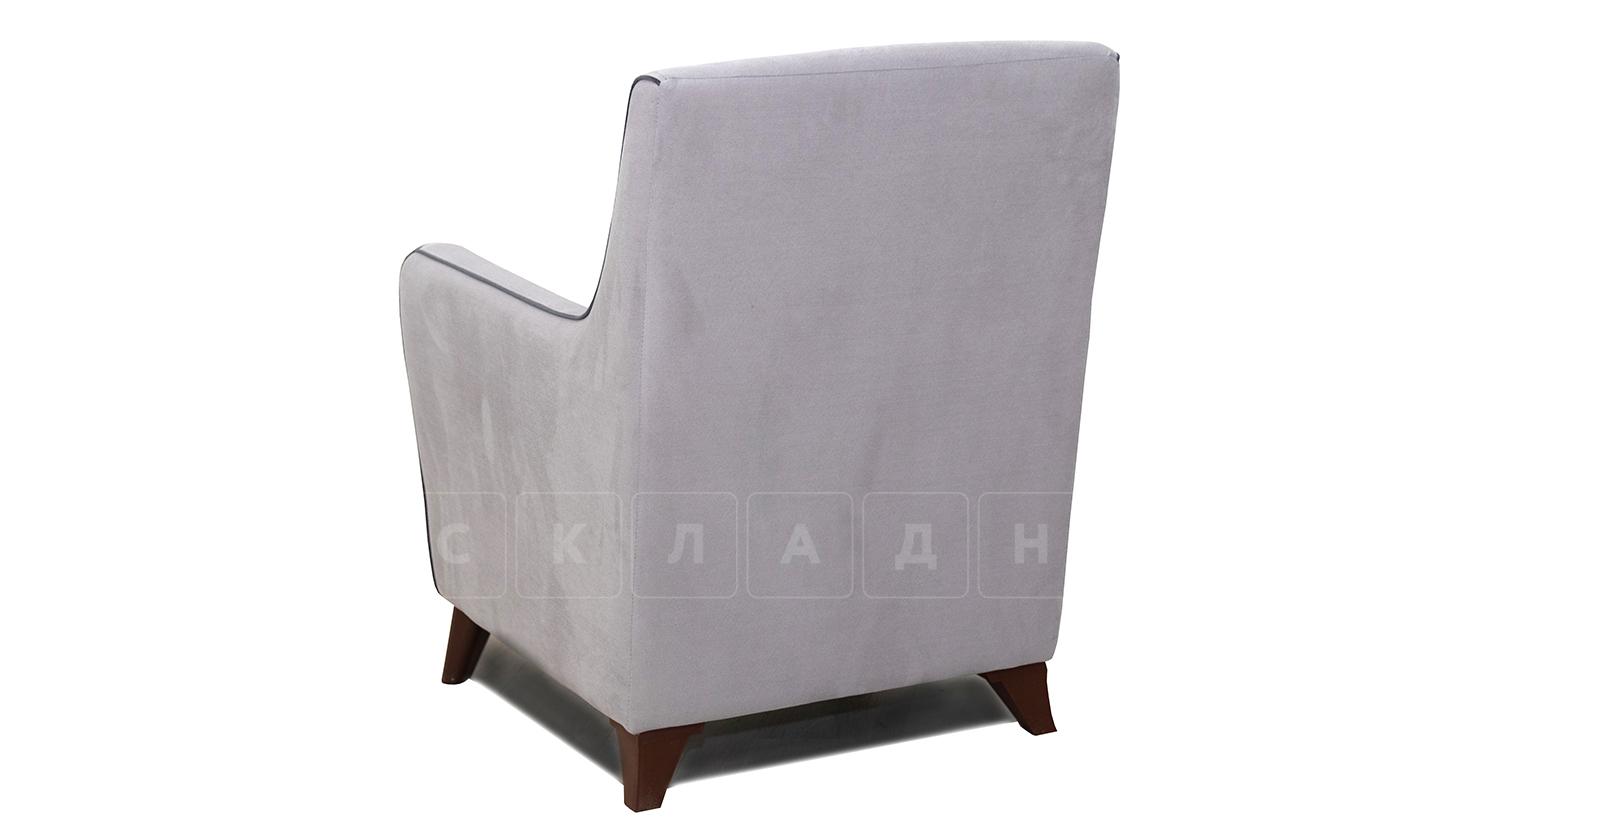 Кресло для отдыха Флэтфорд светло-серый фото 4   интернет-магазин Складно